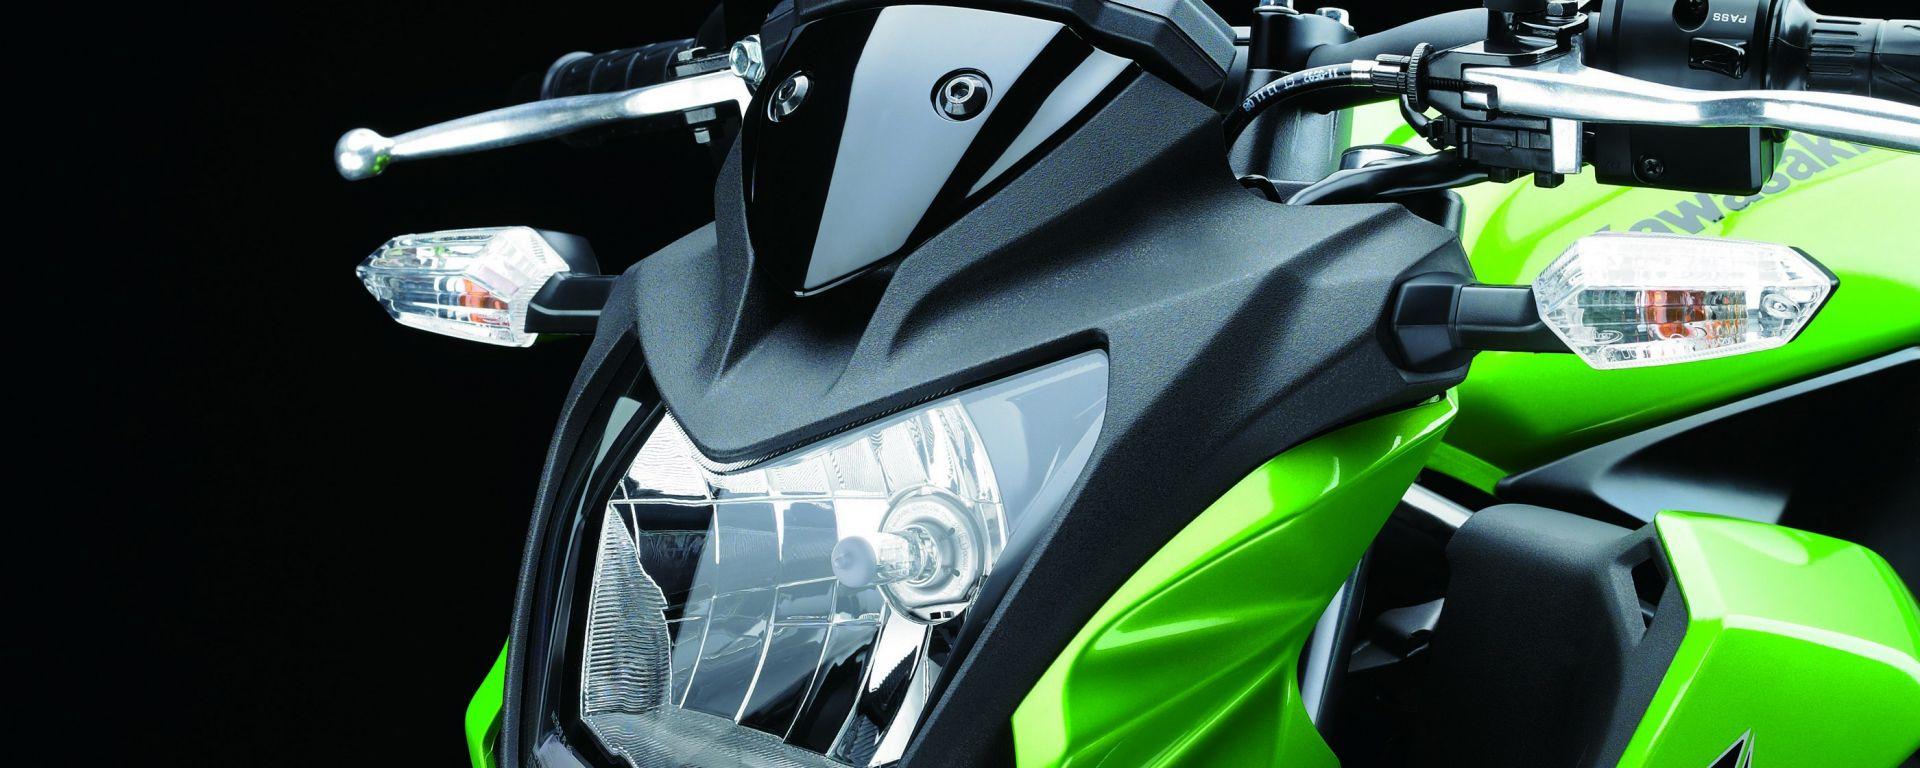 Kawasaki Z250SL 2015